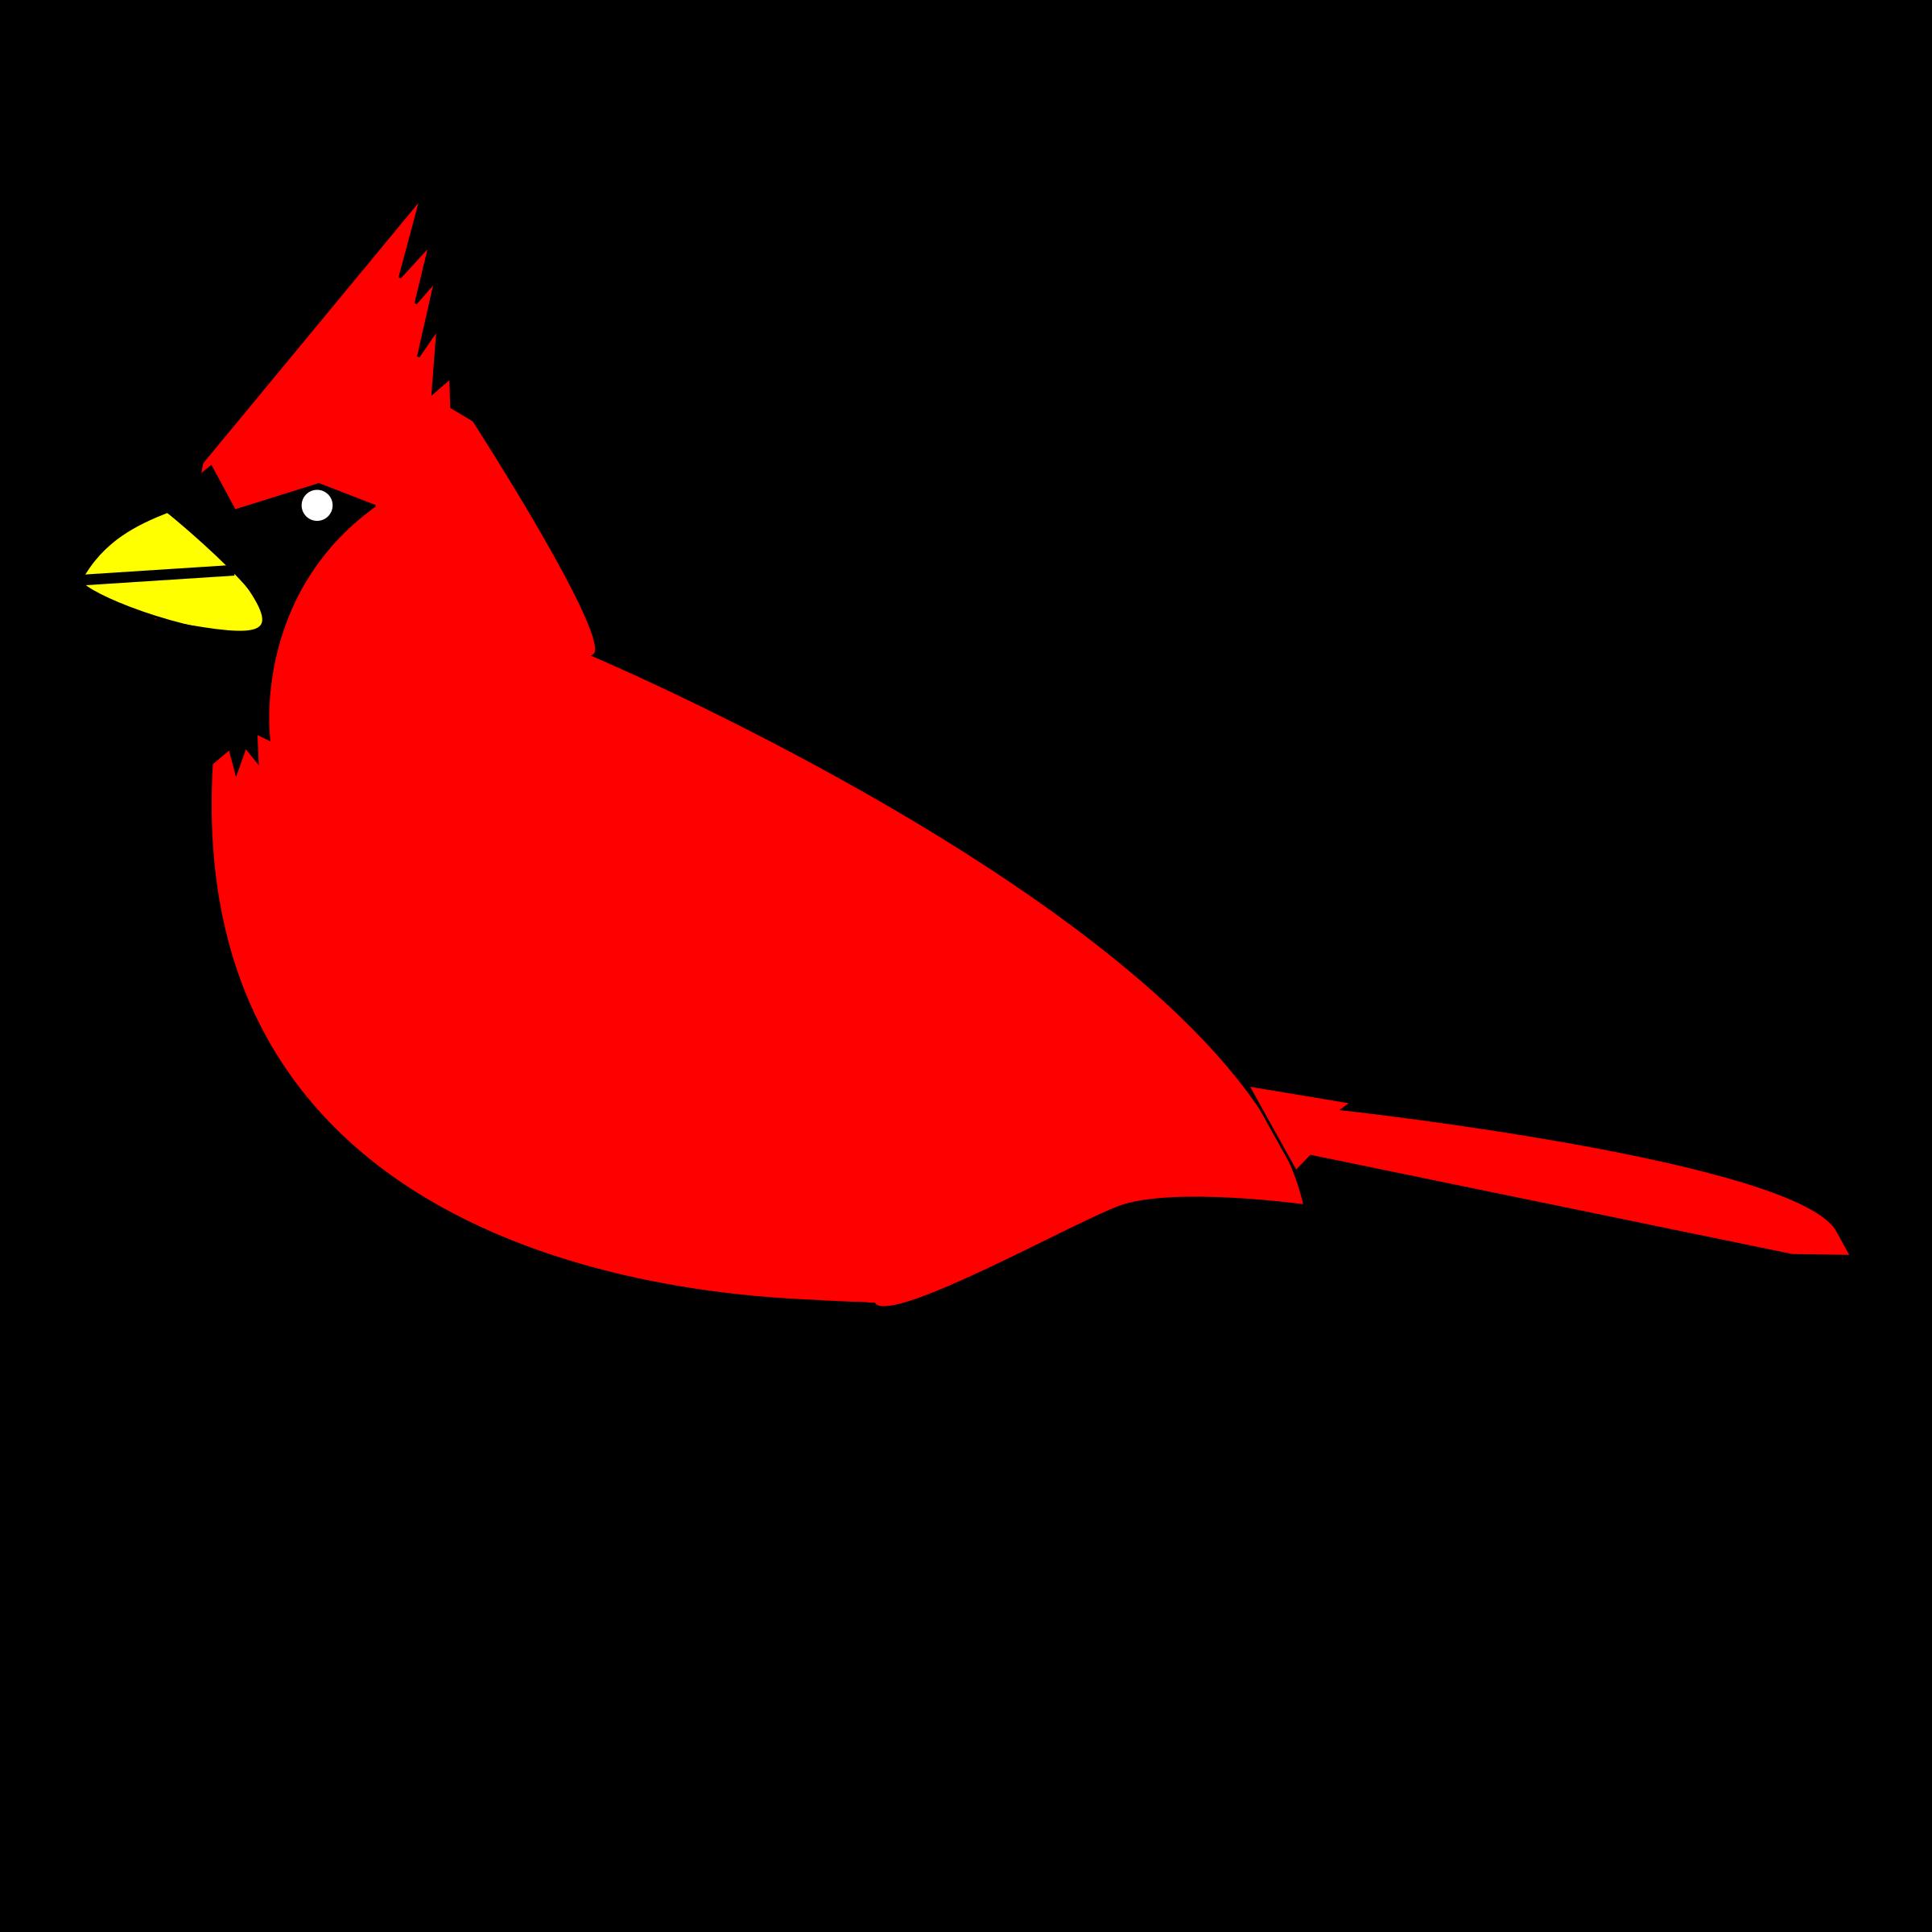 Cardinal remix 2 by 10binary.